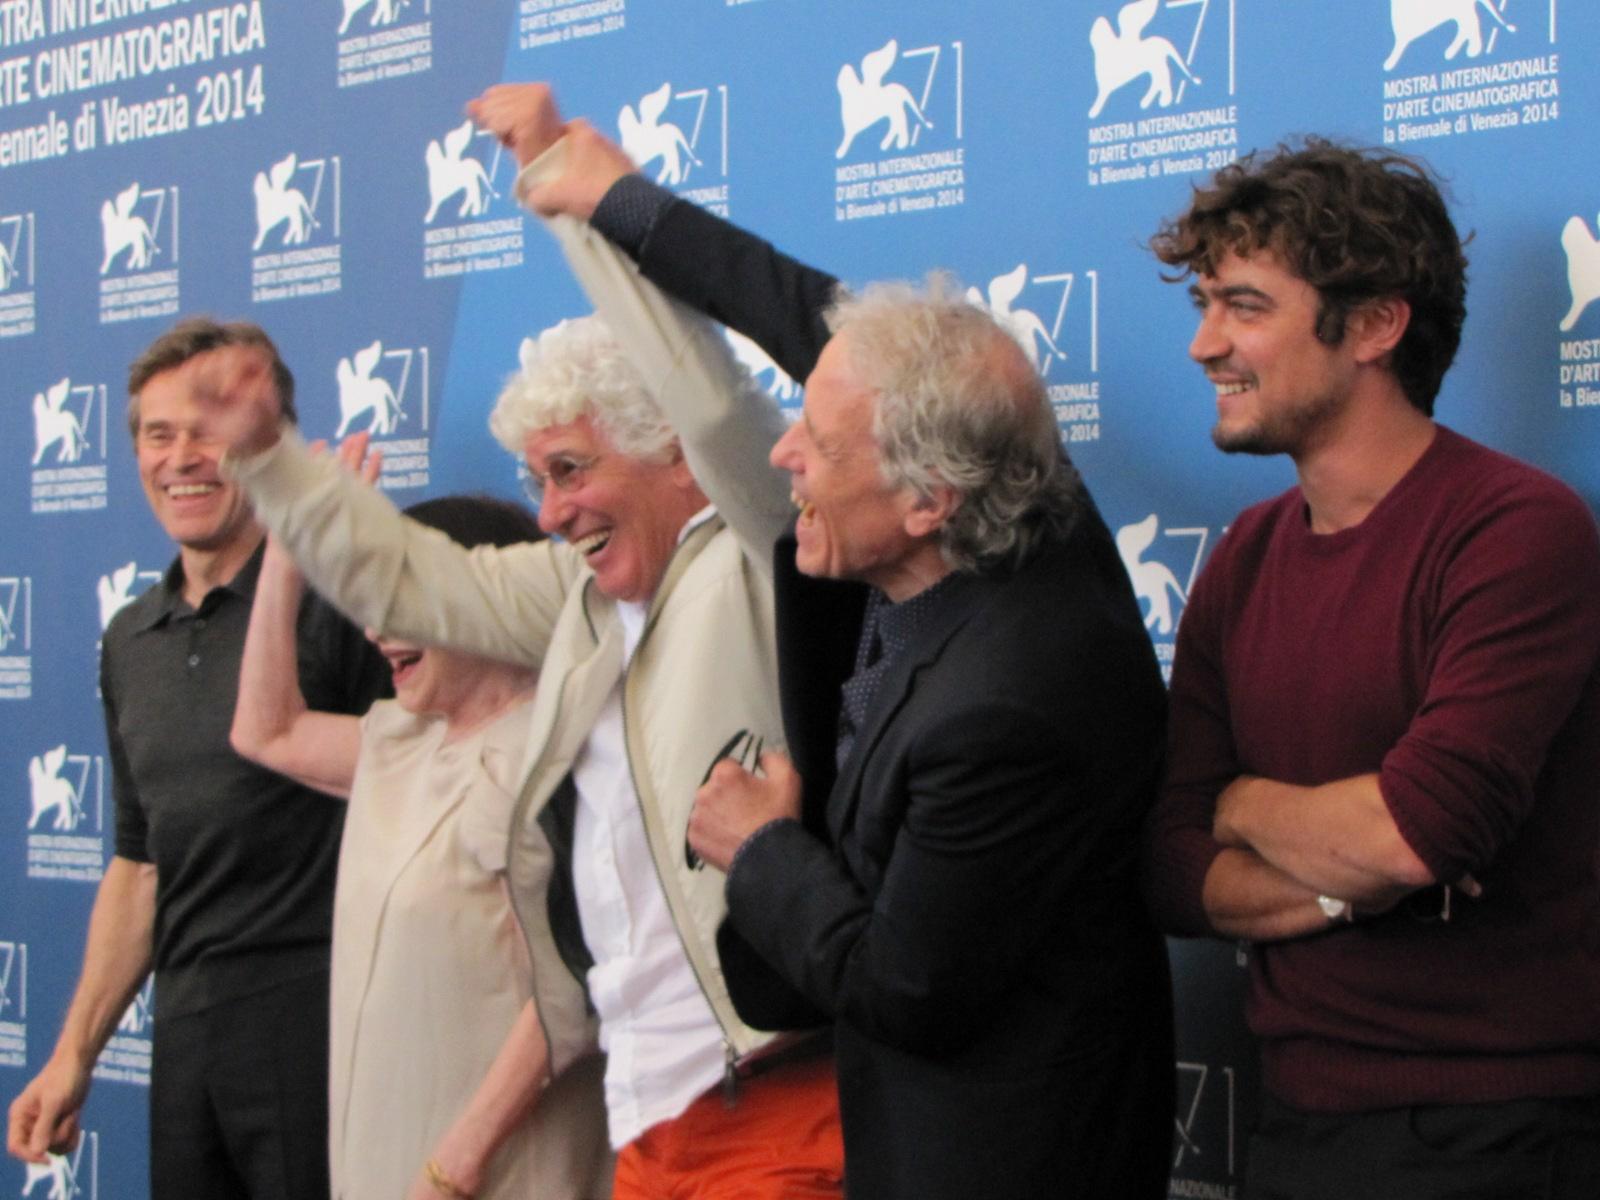 'Pasolini' a Venezia 2014 - Abel Ferrara con il cast della pellicola